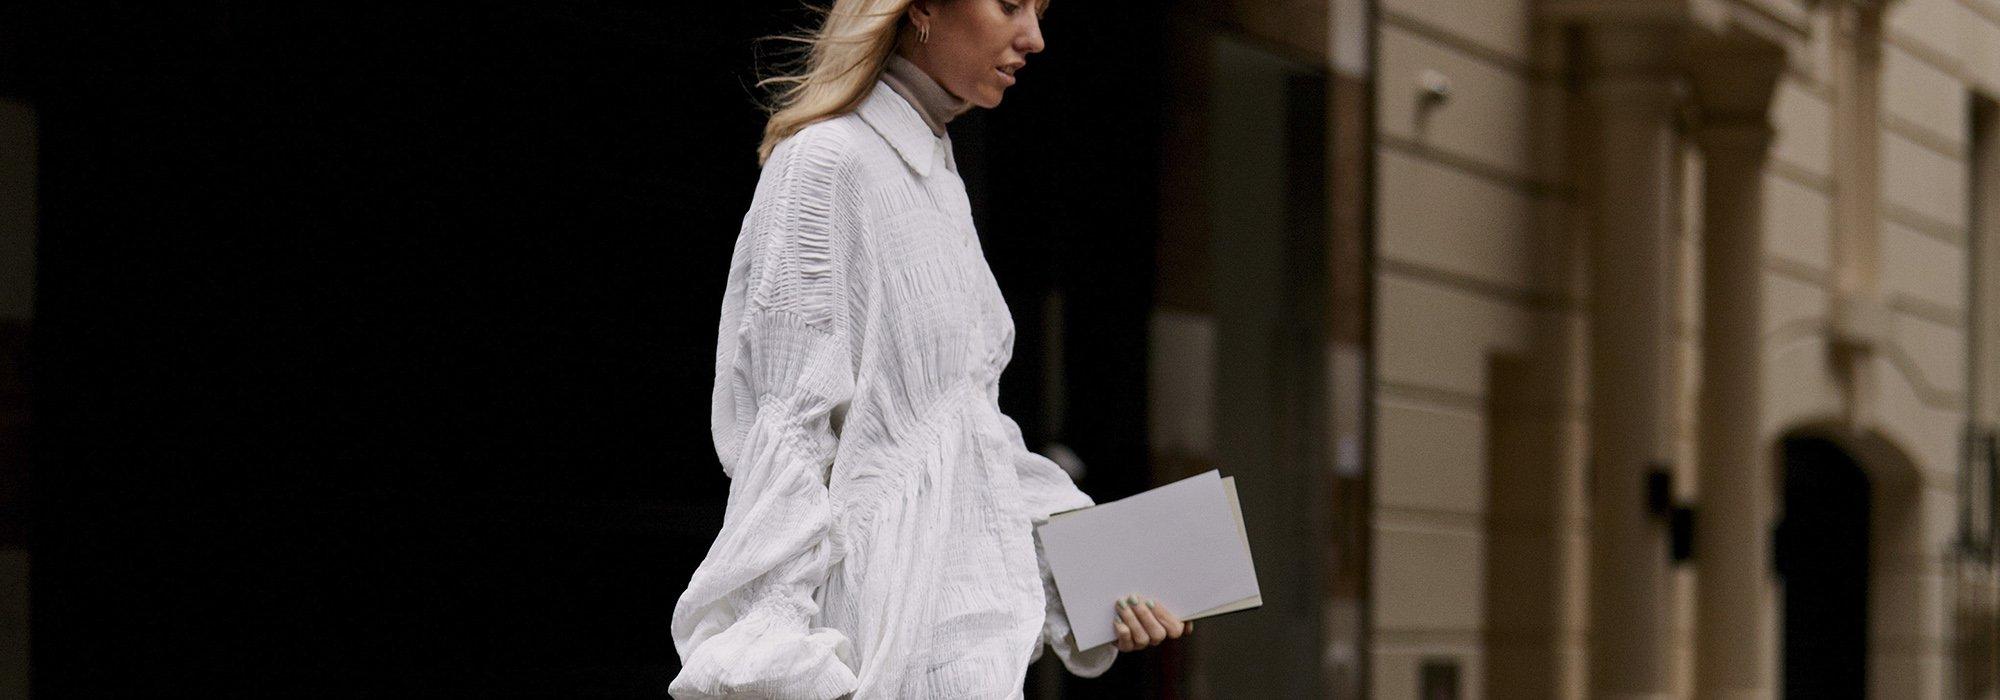 de6412099 Vogue: Moda, beleza, estilo, lifestyle.